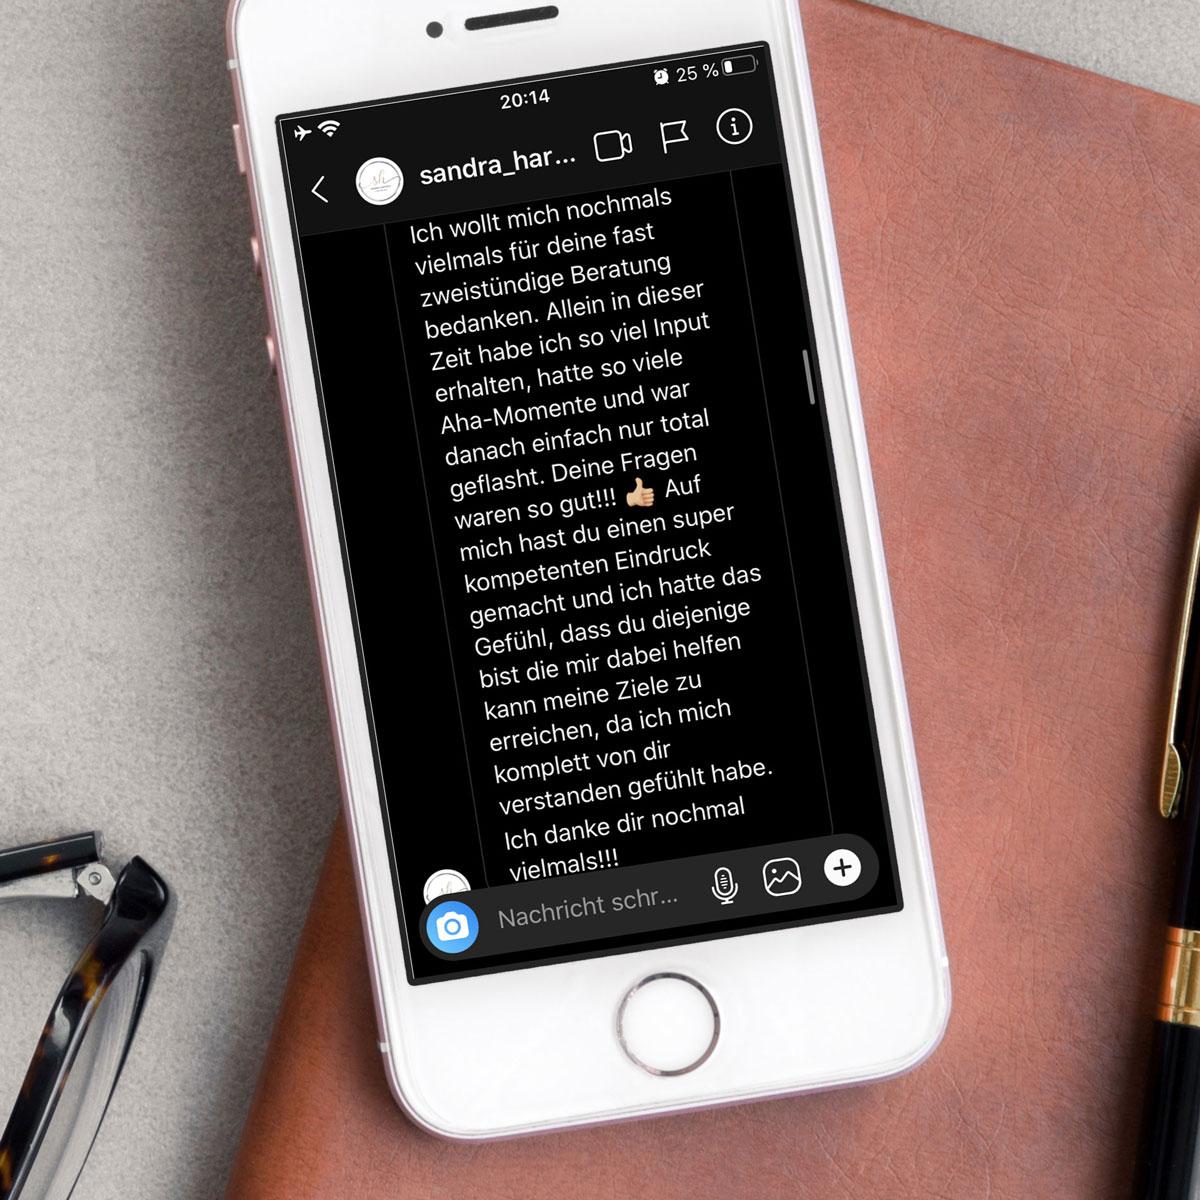 BRAVE & BUTT Brandberatung: Bewertung von Sandra Hartwig Schreibwaren  auf dem iPad